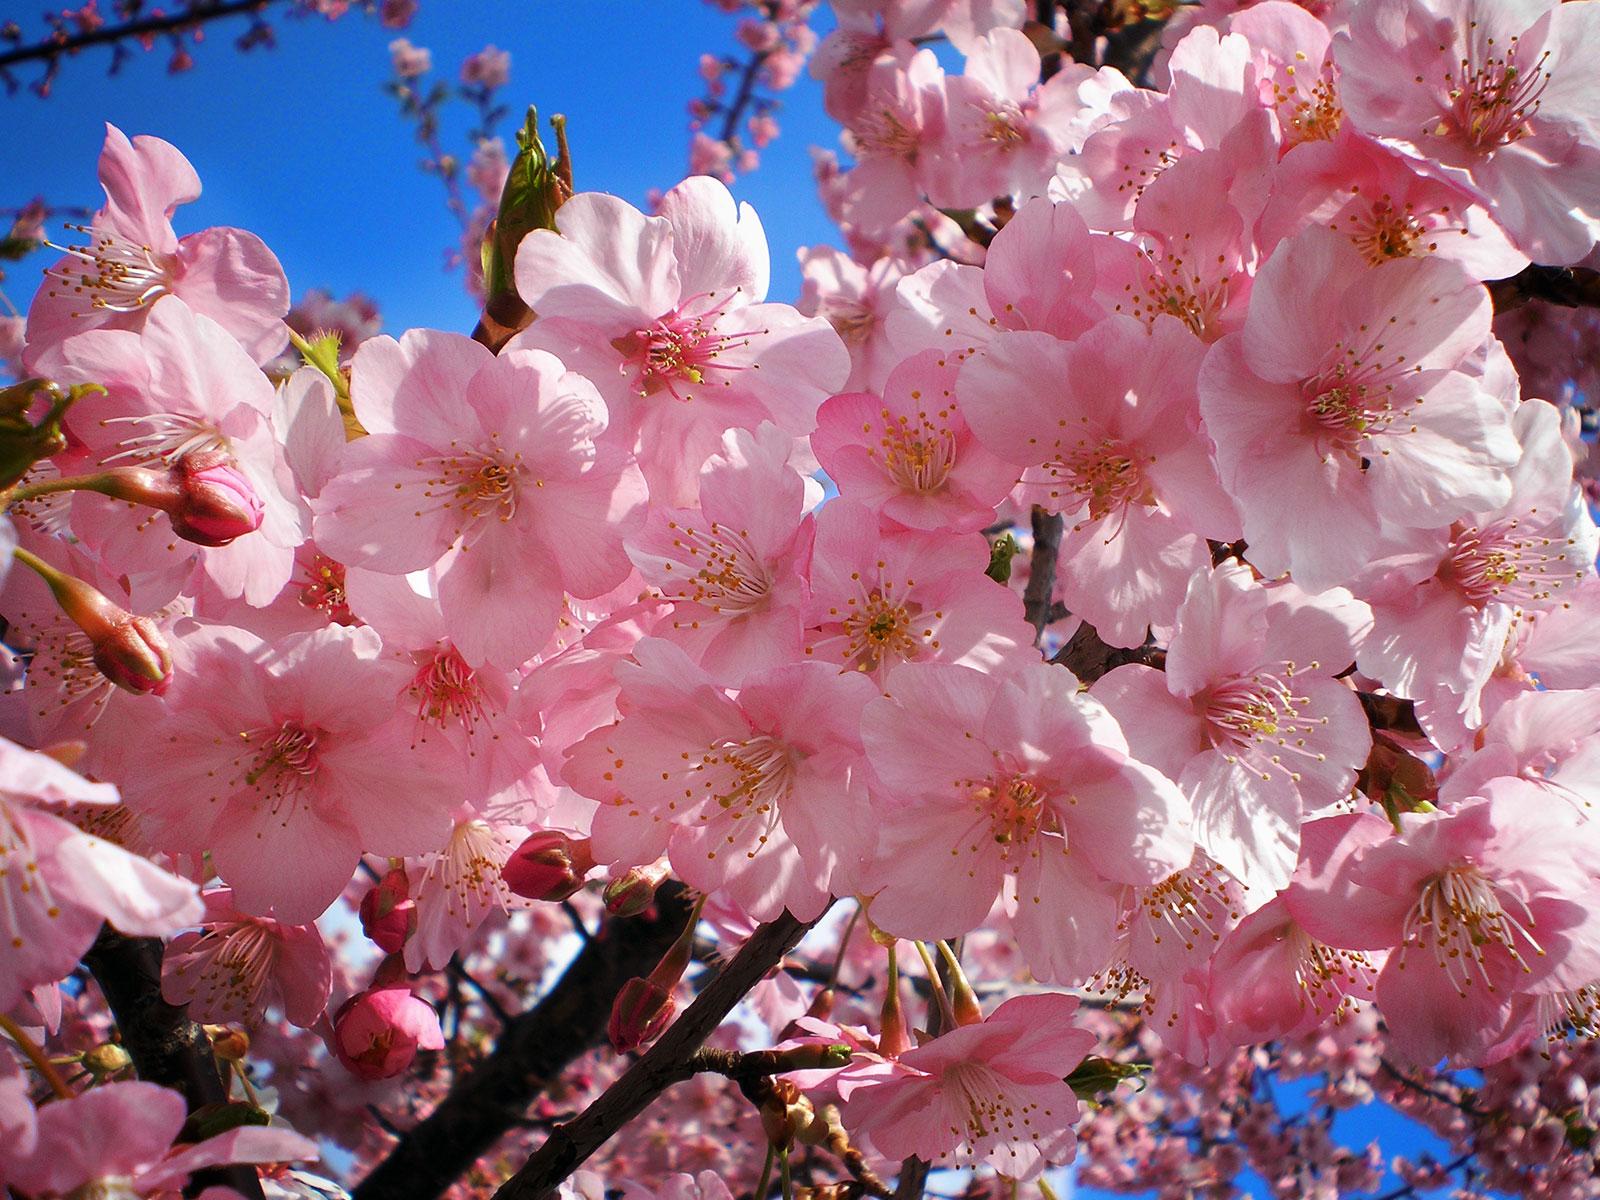 Ảnh cành hoa Anh Đào đẹp nhất